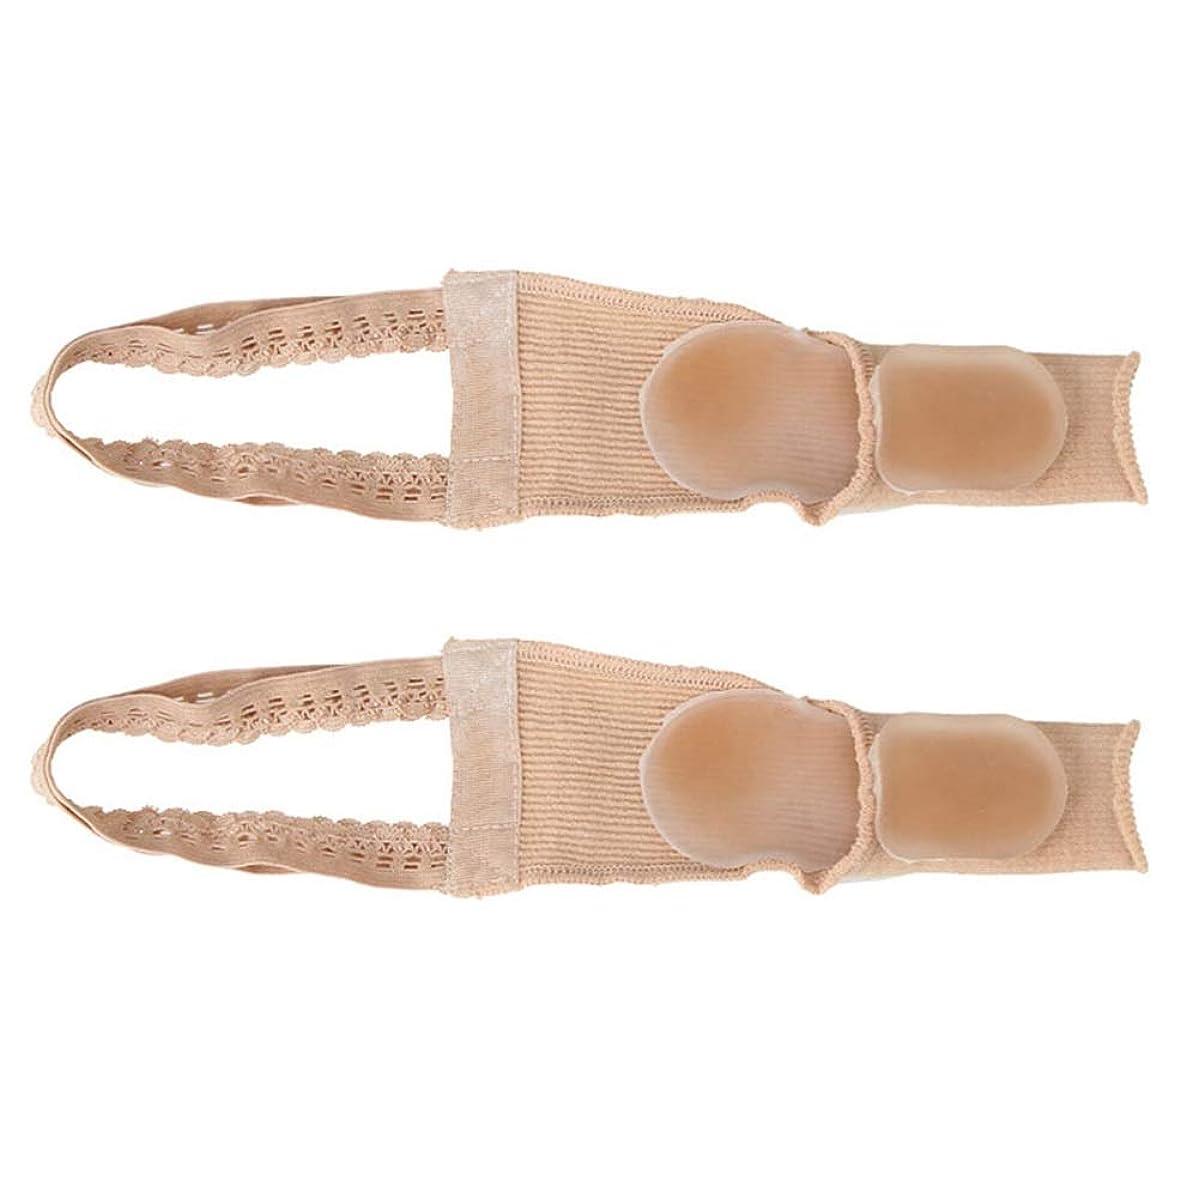 脊椎酸度ファッション外反母correction補正ウェアラブルシューズユニセックスオーバーラップトウセパレーターで痛みを軽減 (Size : L)